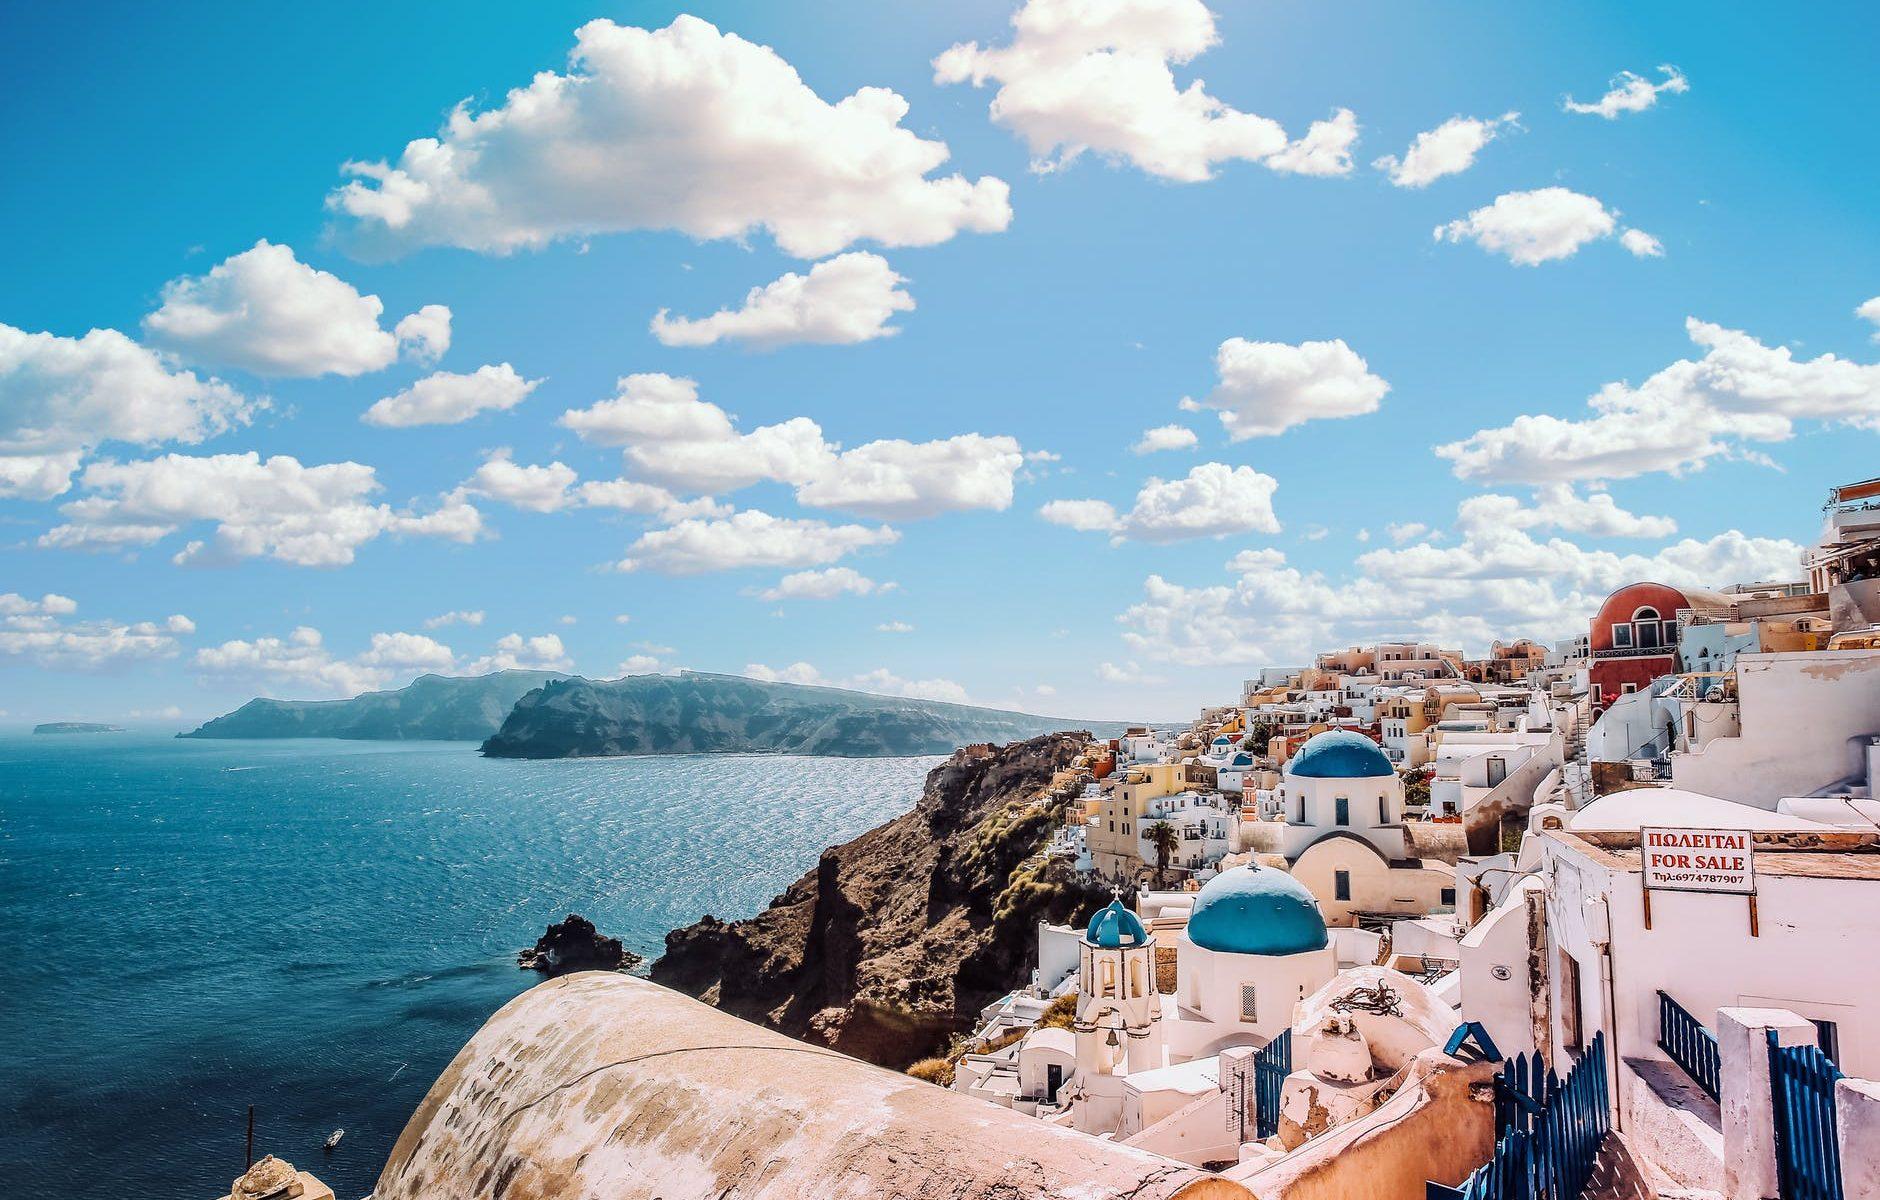 Destinos europeus saídos de um conto de fadas © Pexels